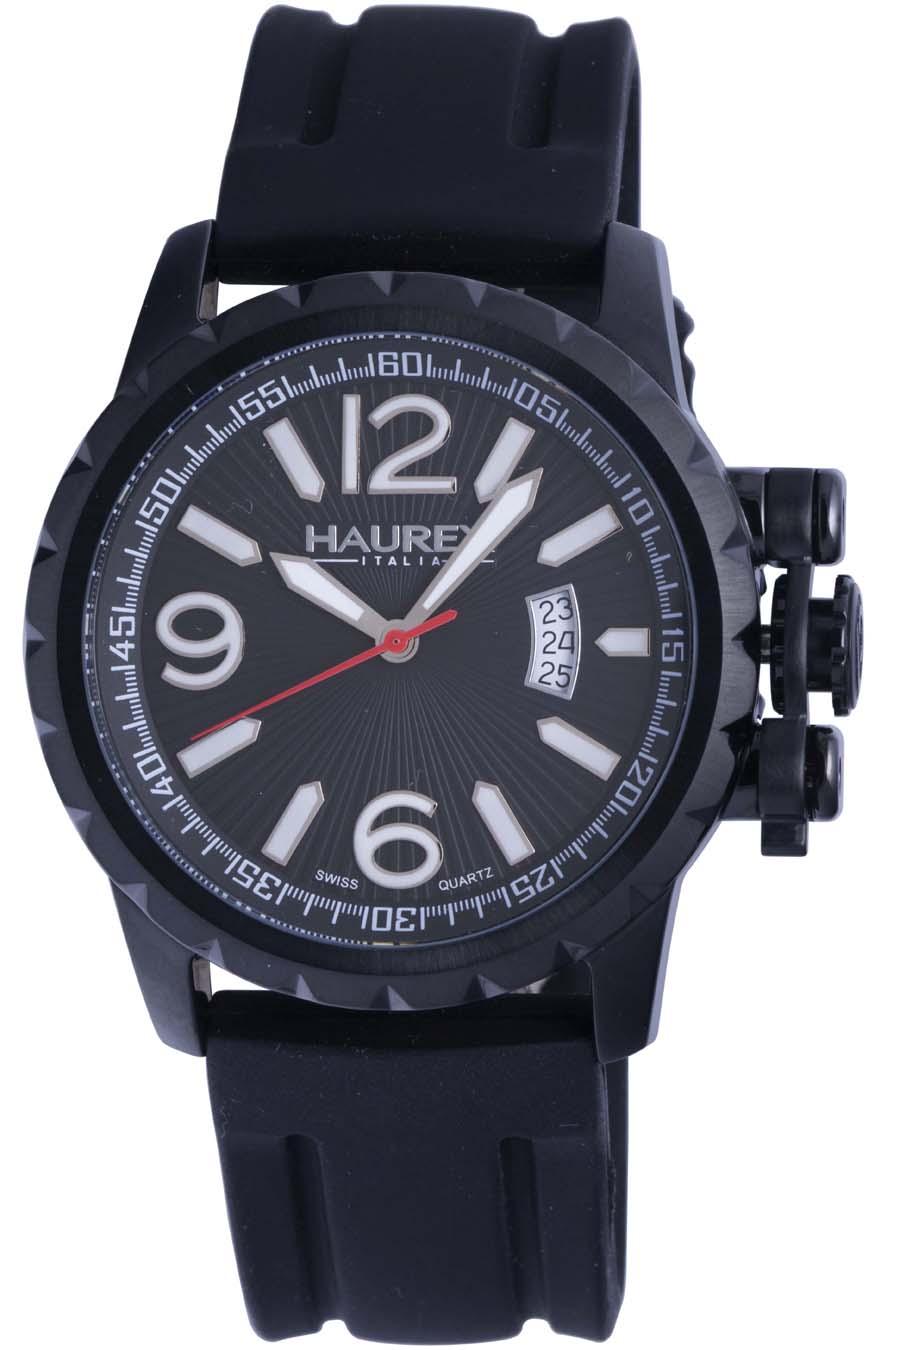 Haurex men s aeron watch collection watch brands for Haurex watches